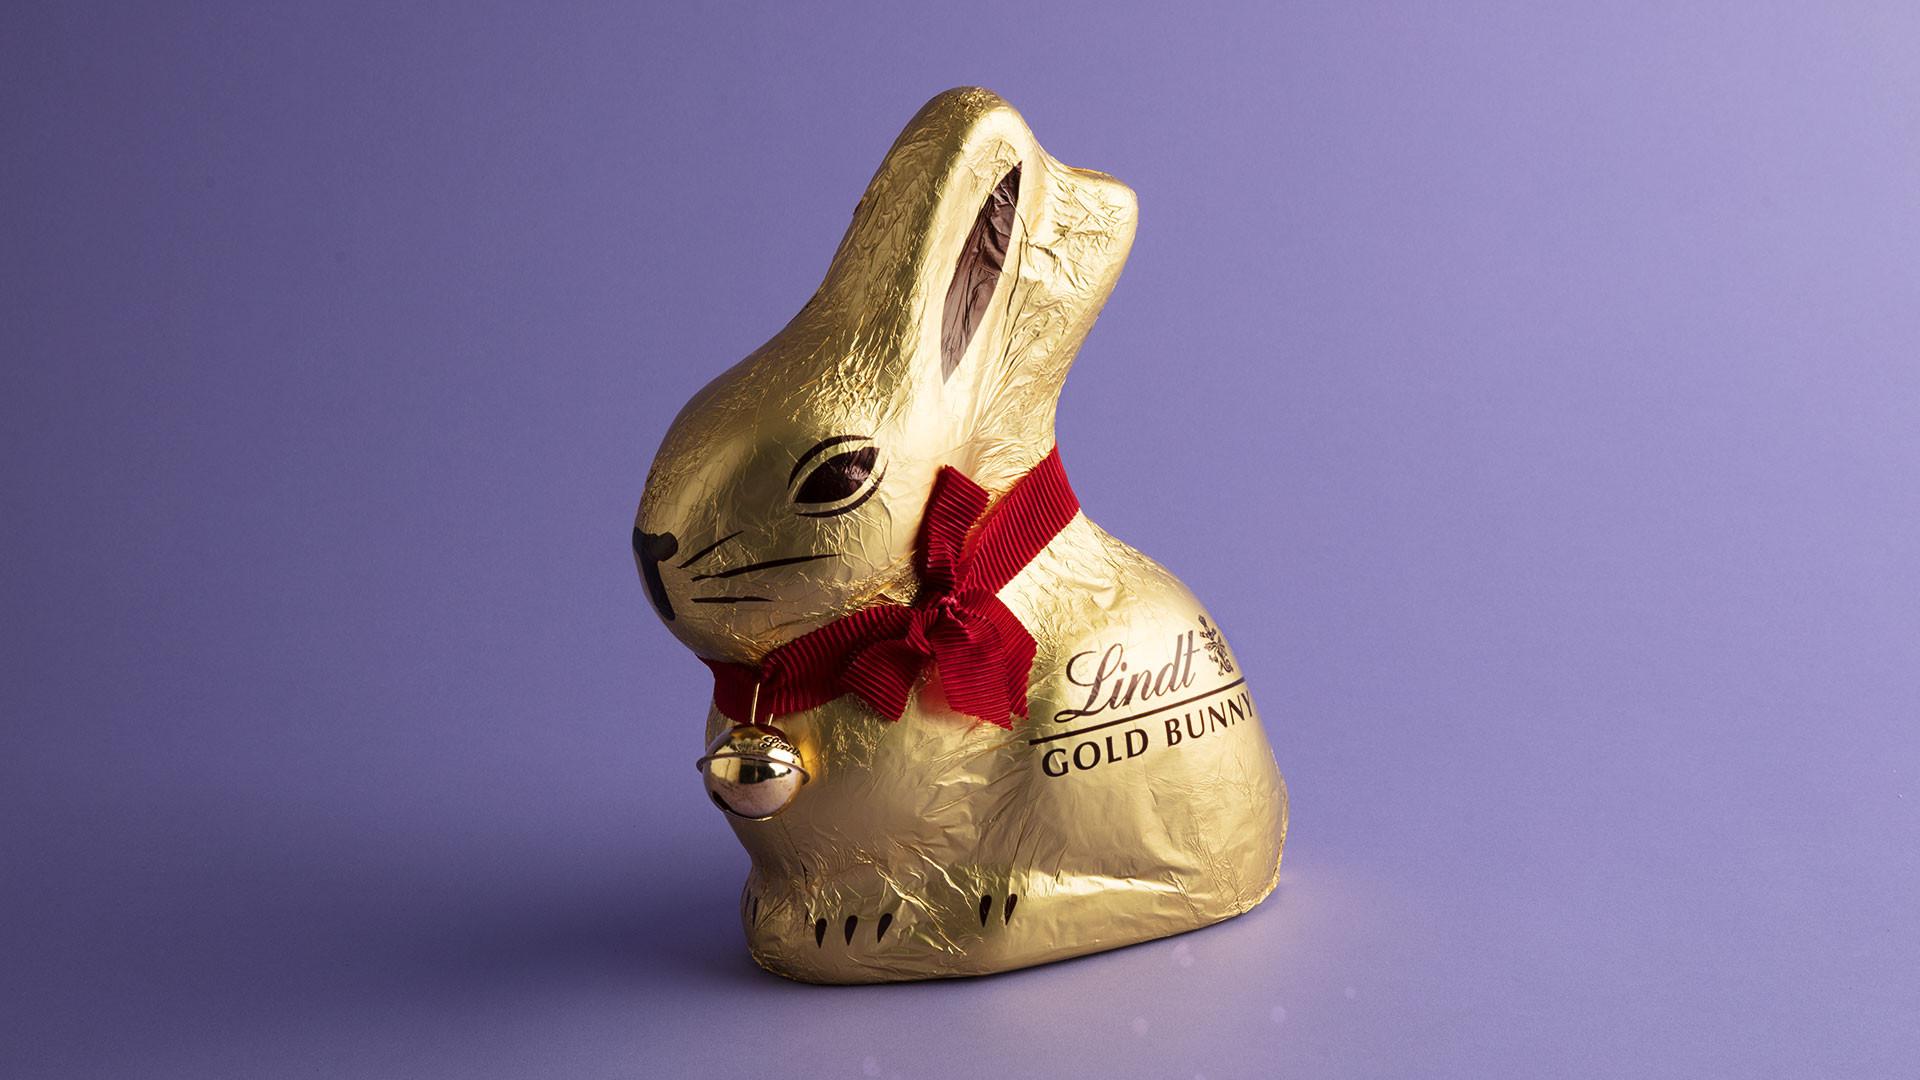 Lindt giant 1kg gold bunny